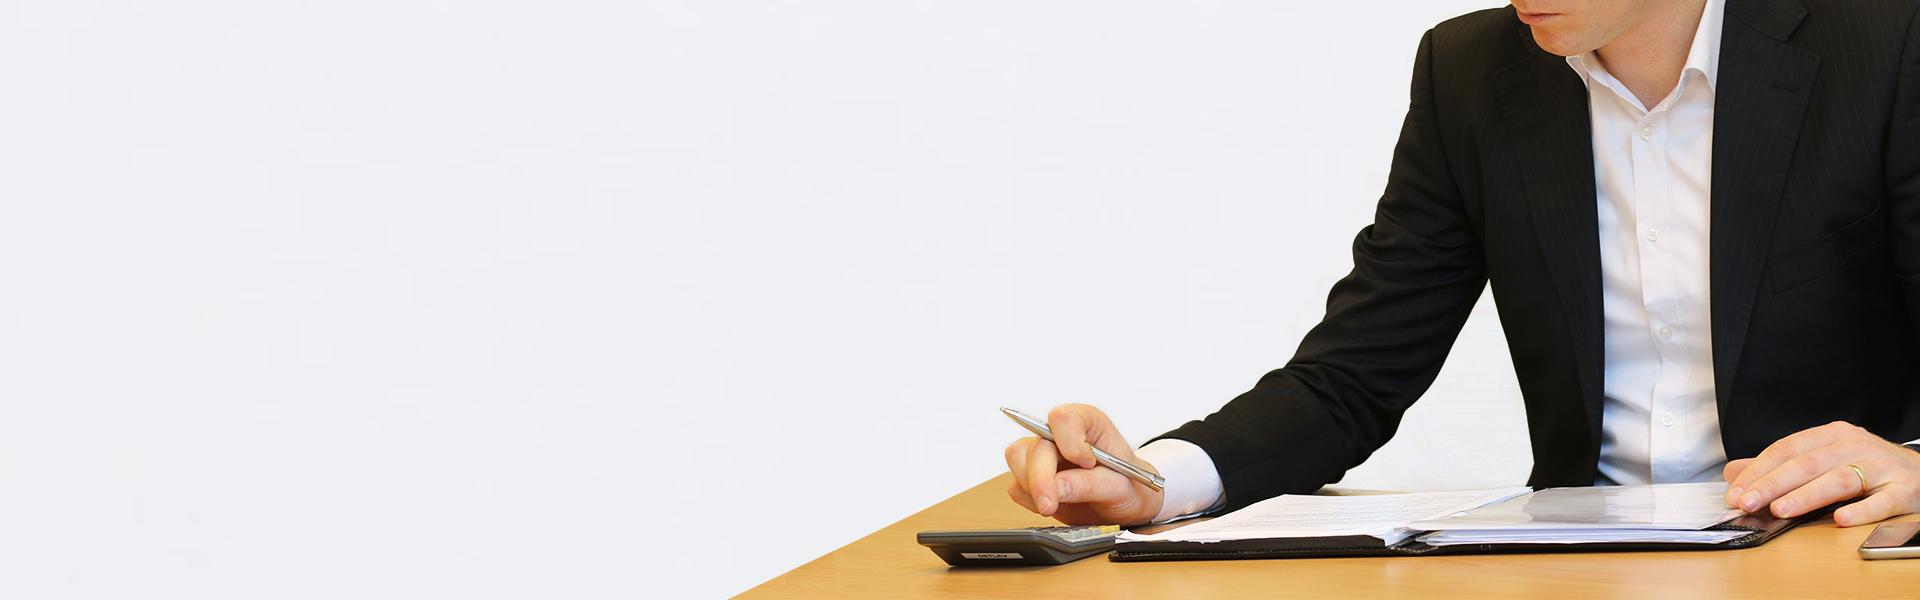 Calculatie hypotheek advies